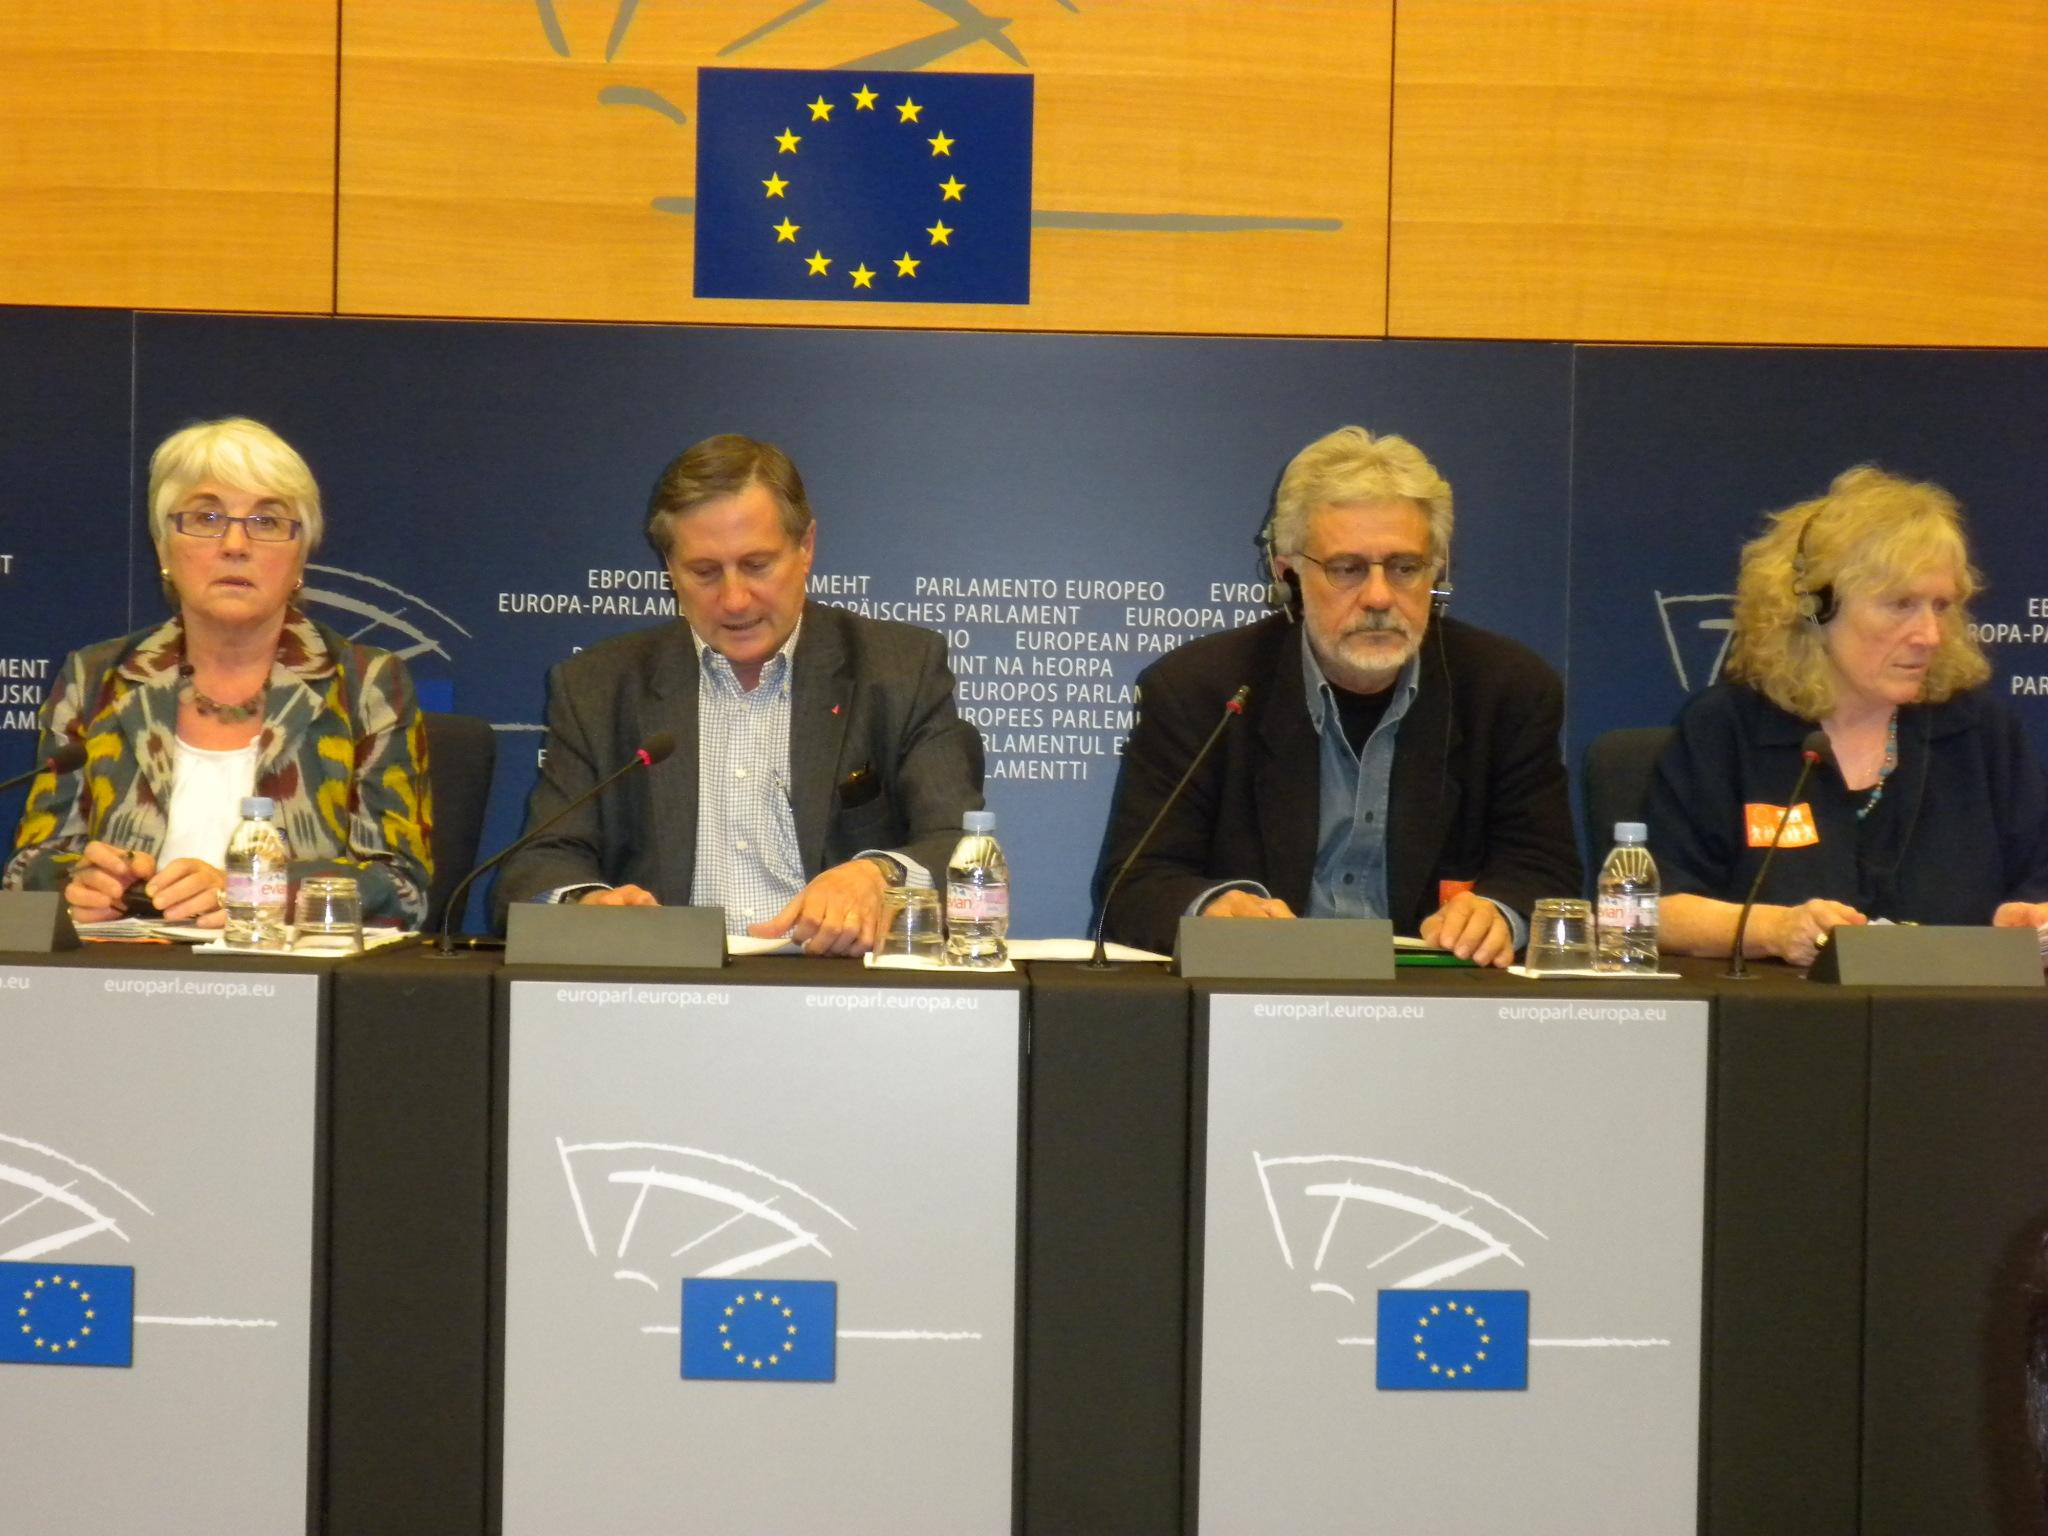 Les eurodéputés soutiennent la Flottille pour Gaza